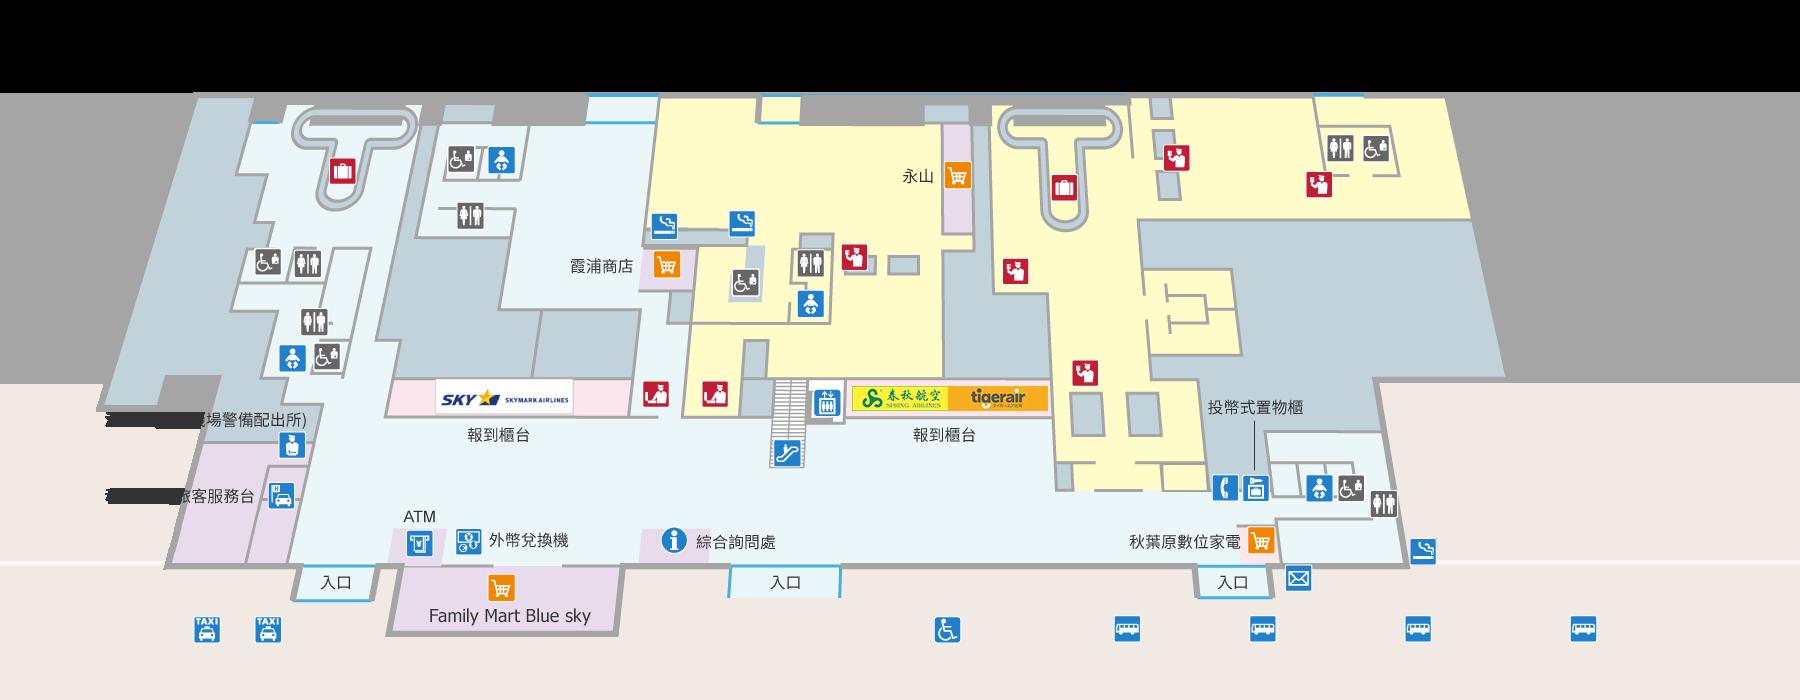 1樓的服務設施、設備